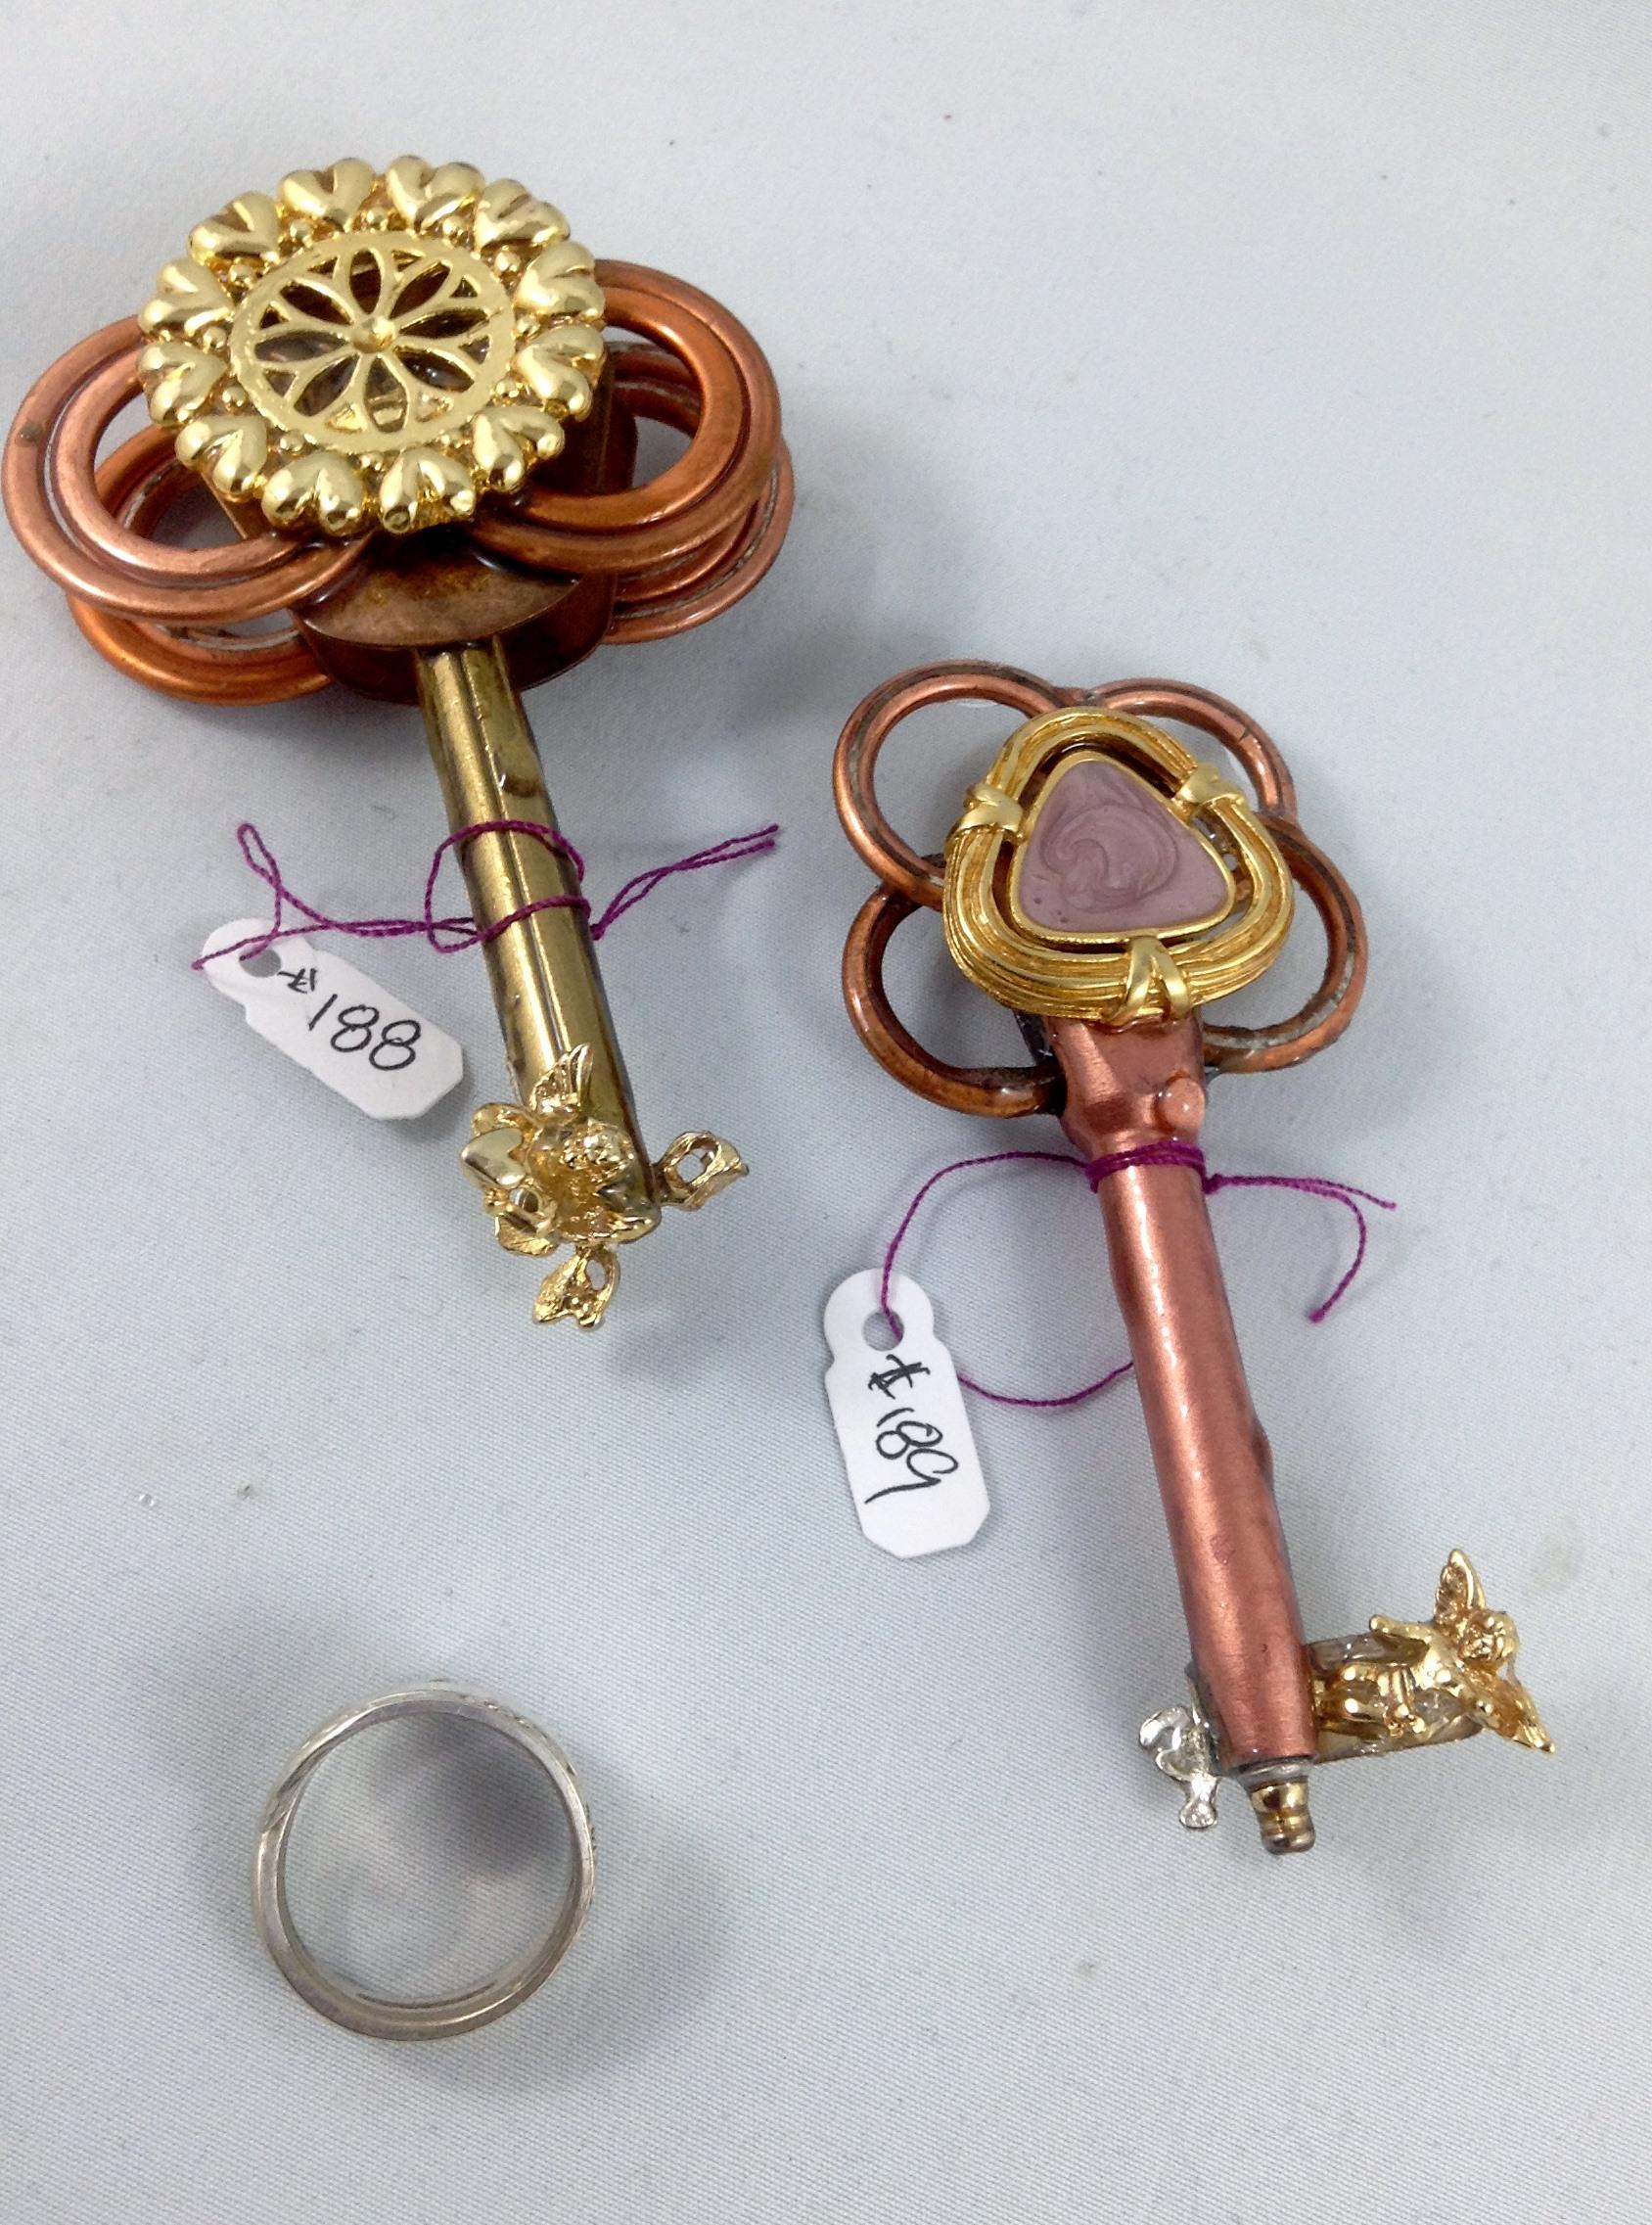 other side keys 188, 189